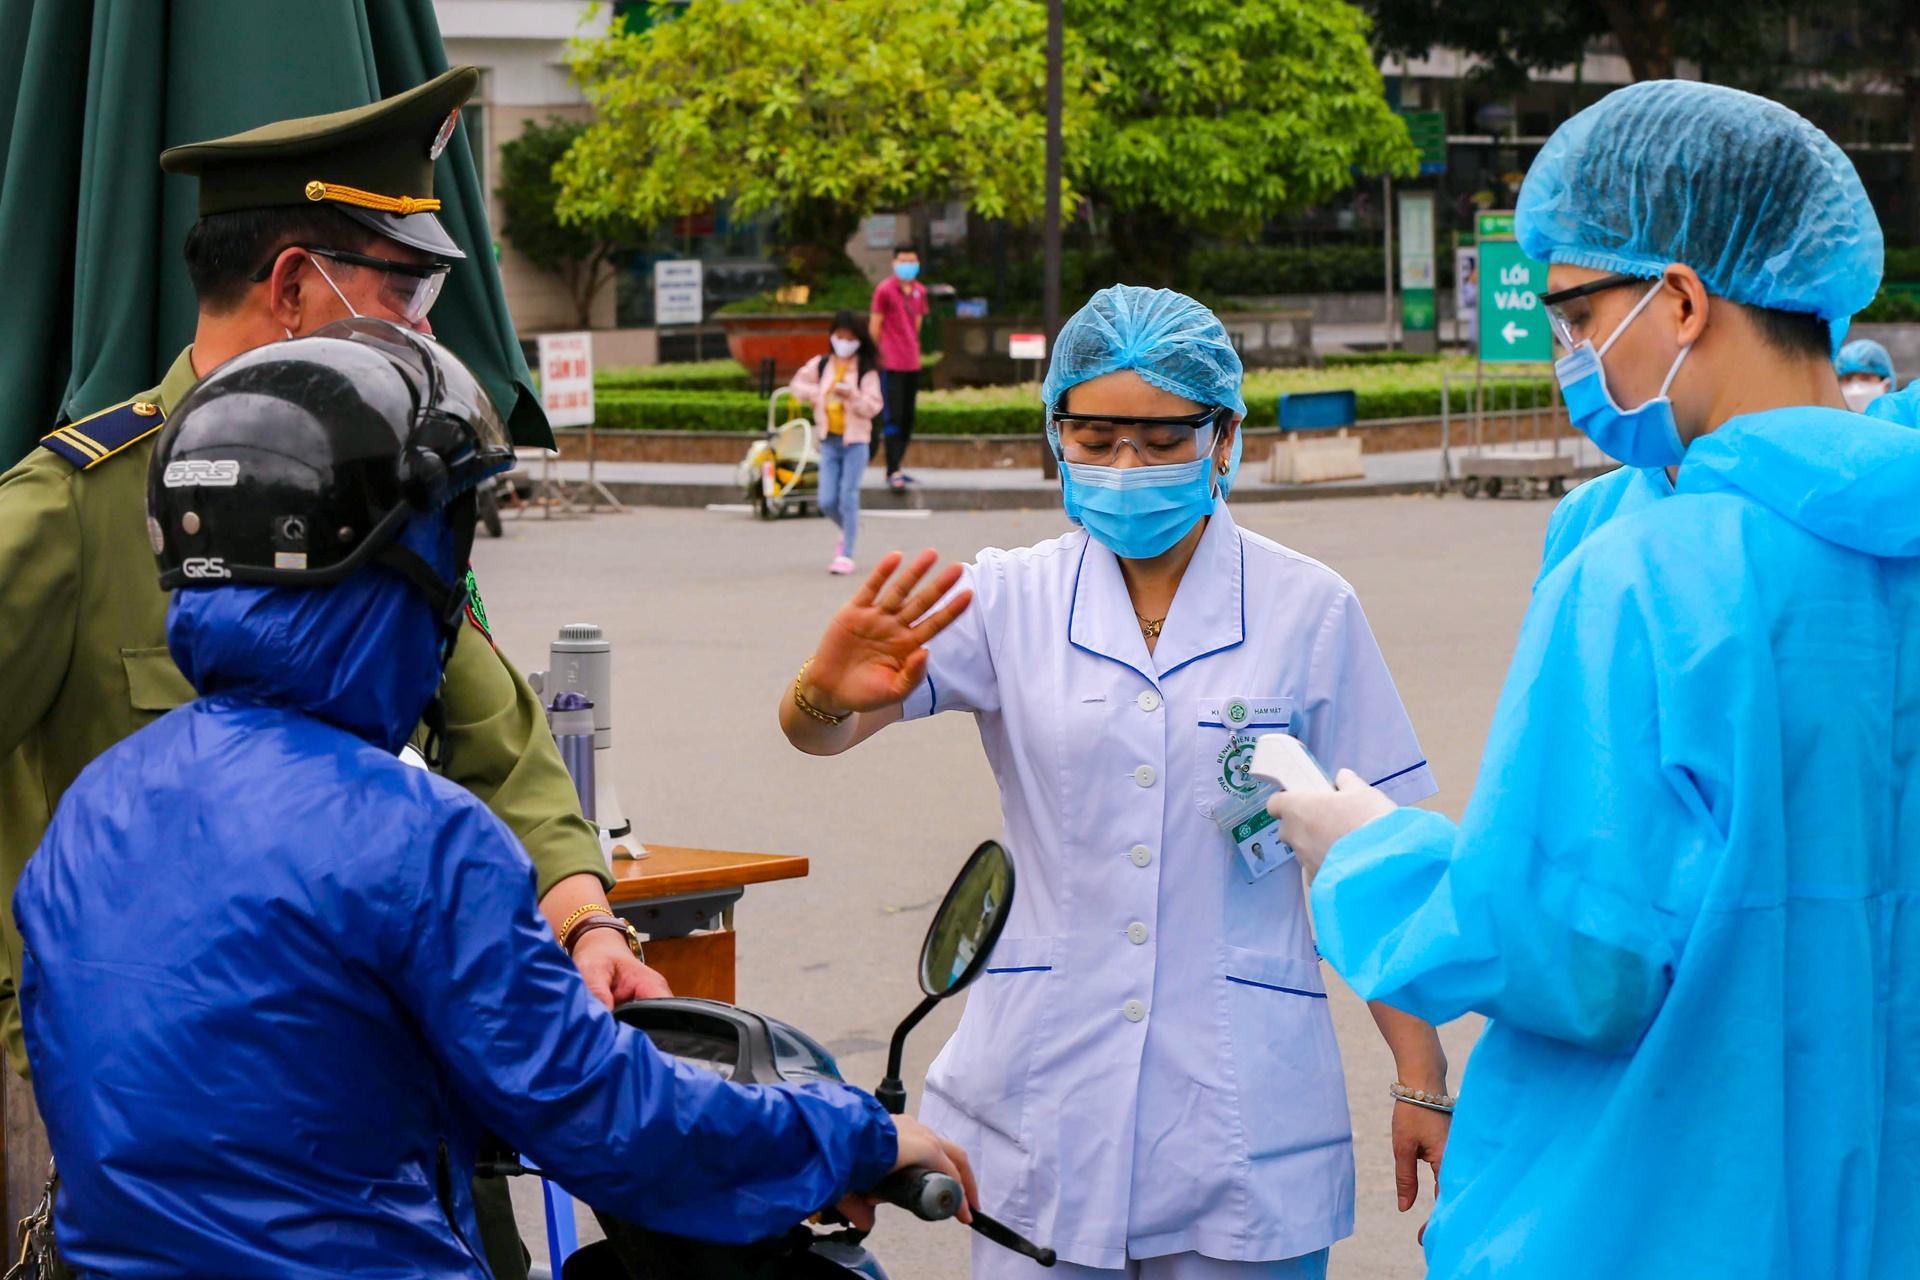 Phó thủ tướng: Dồn lực dập bằng được ổ dịch tại Bệnh viện Bạch Mai